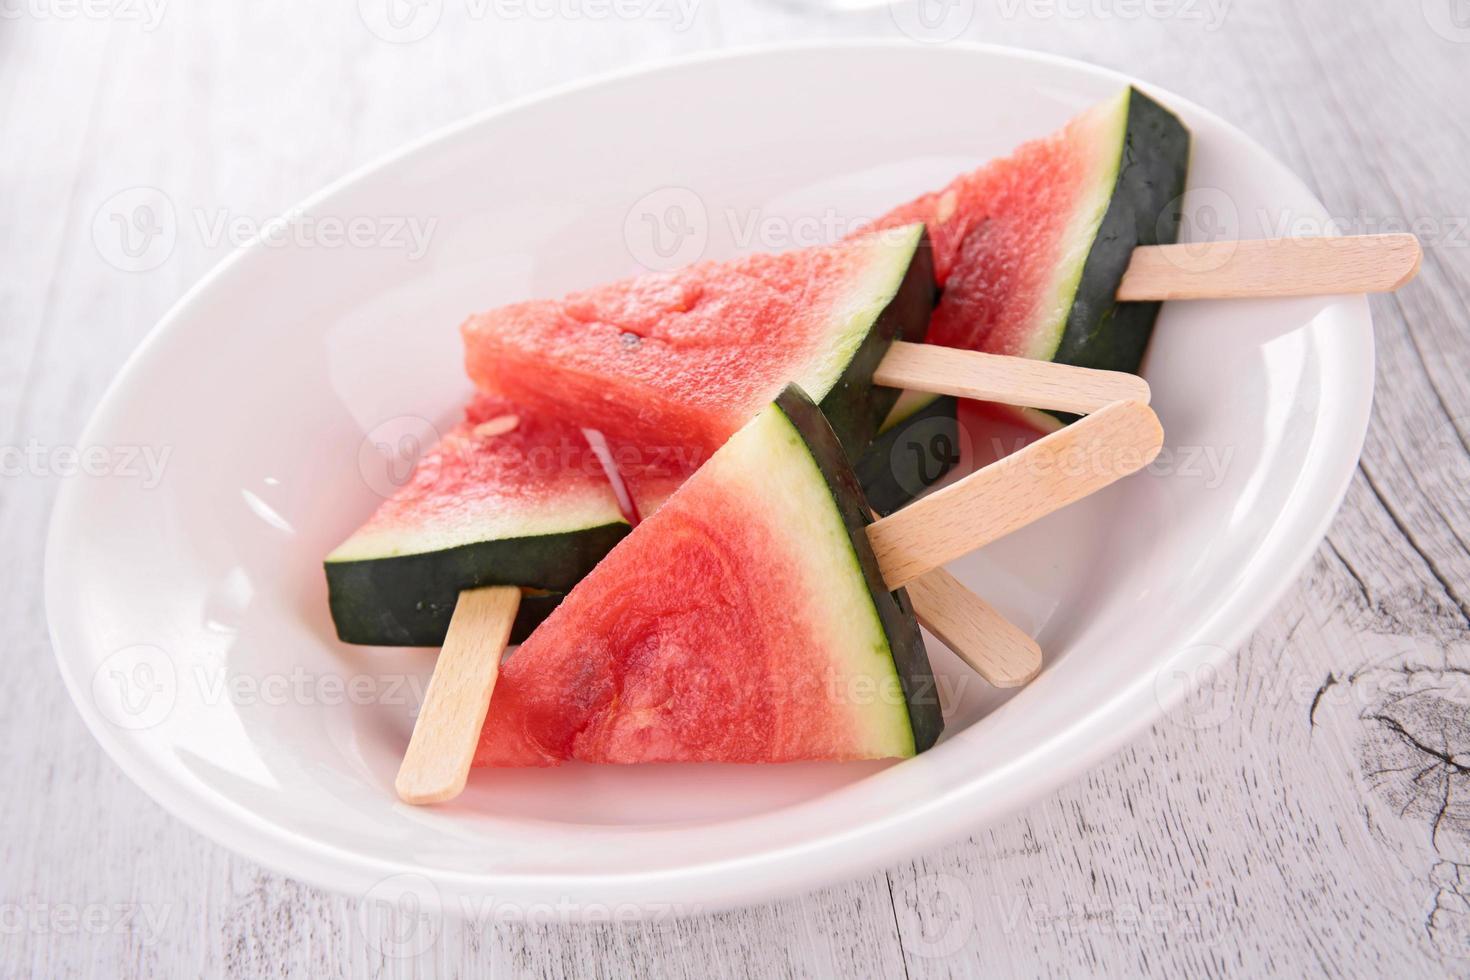 sorvete de melancia foto